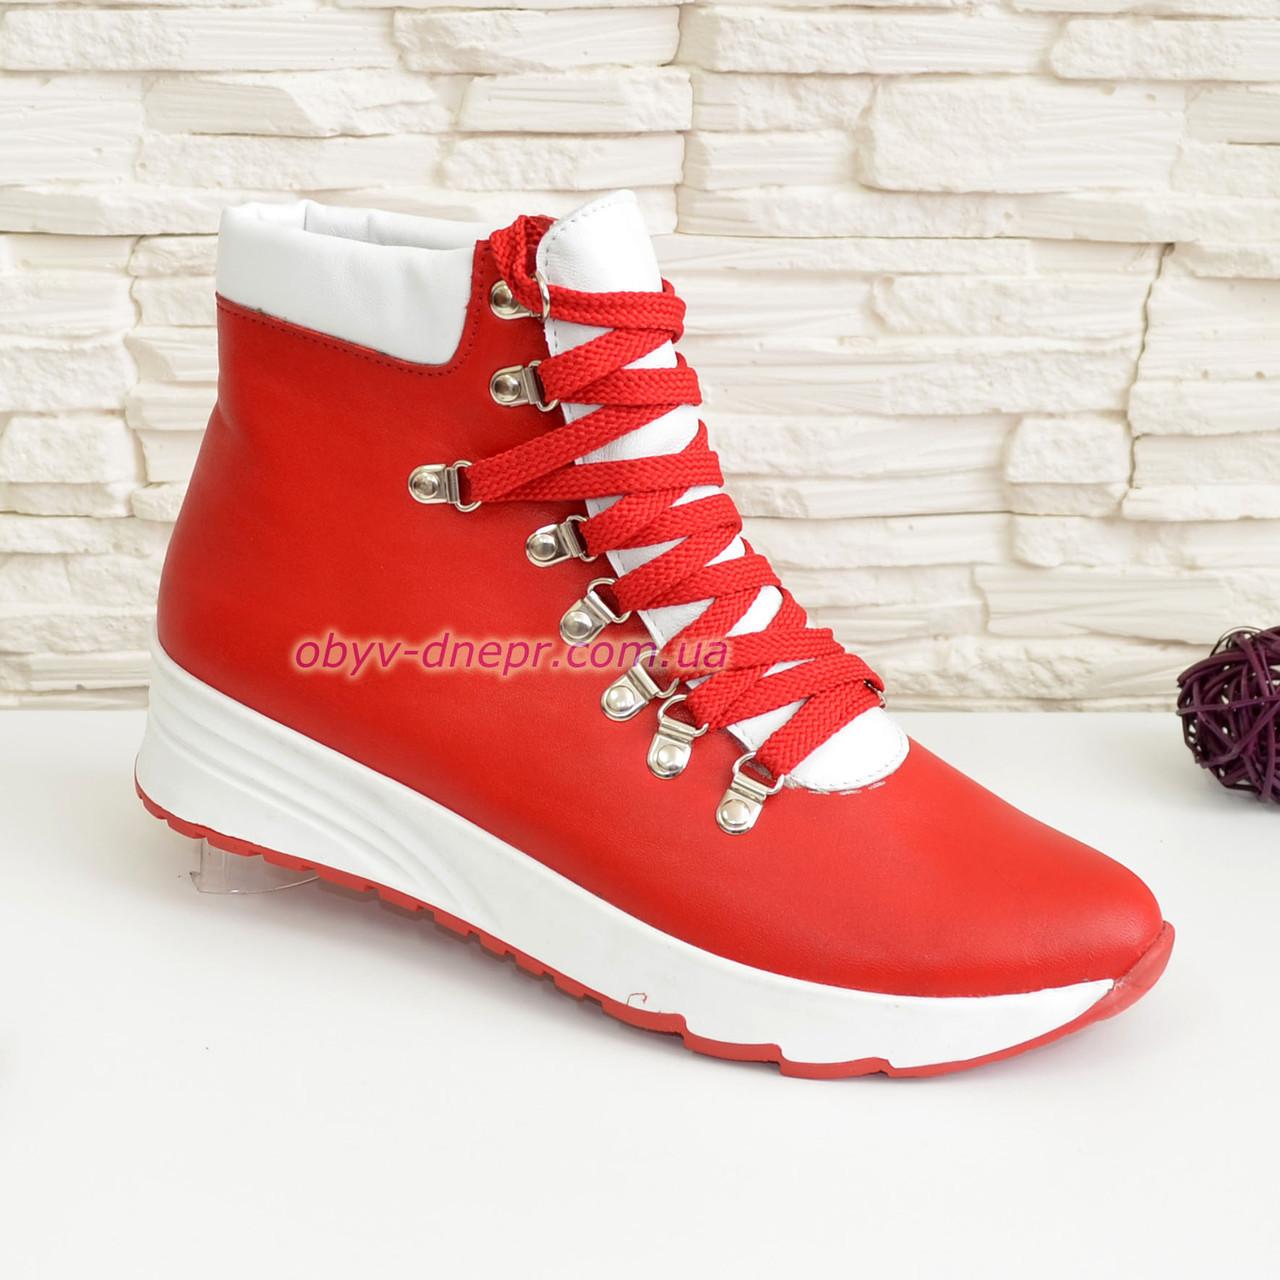 Ботинки женские спортивные кожаные зимние на шнуровке, цвет красный.